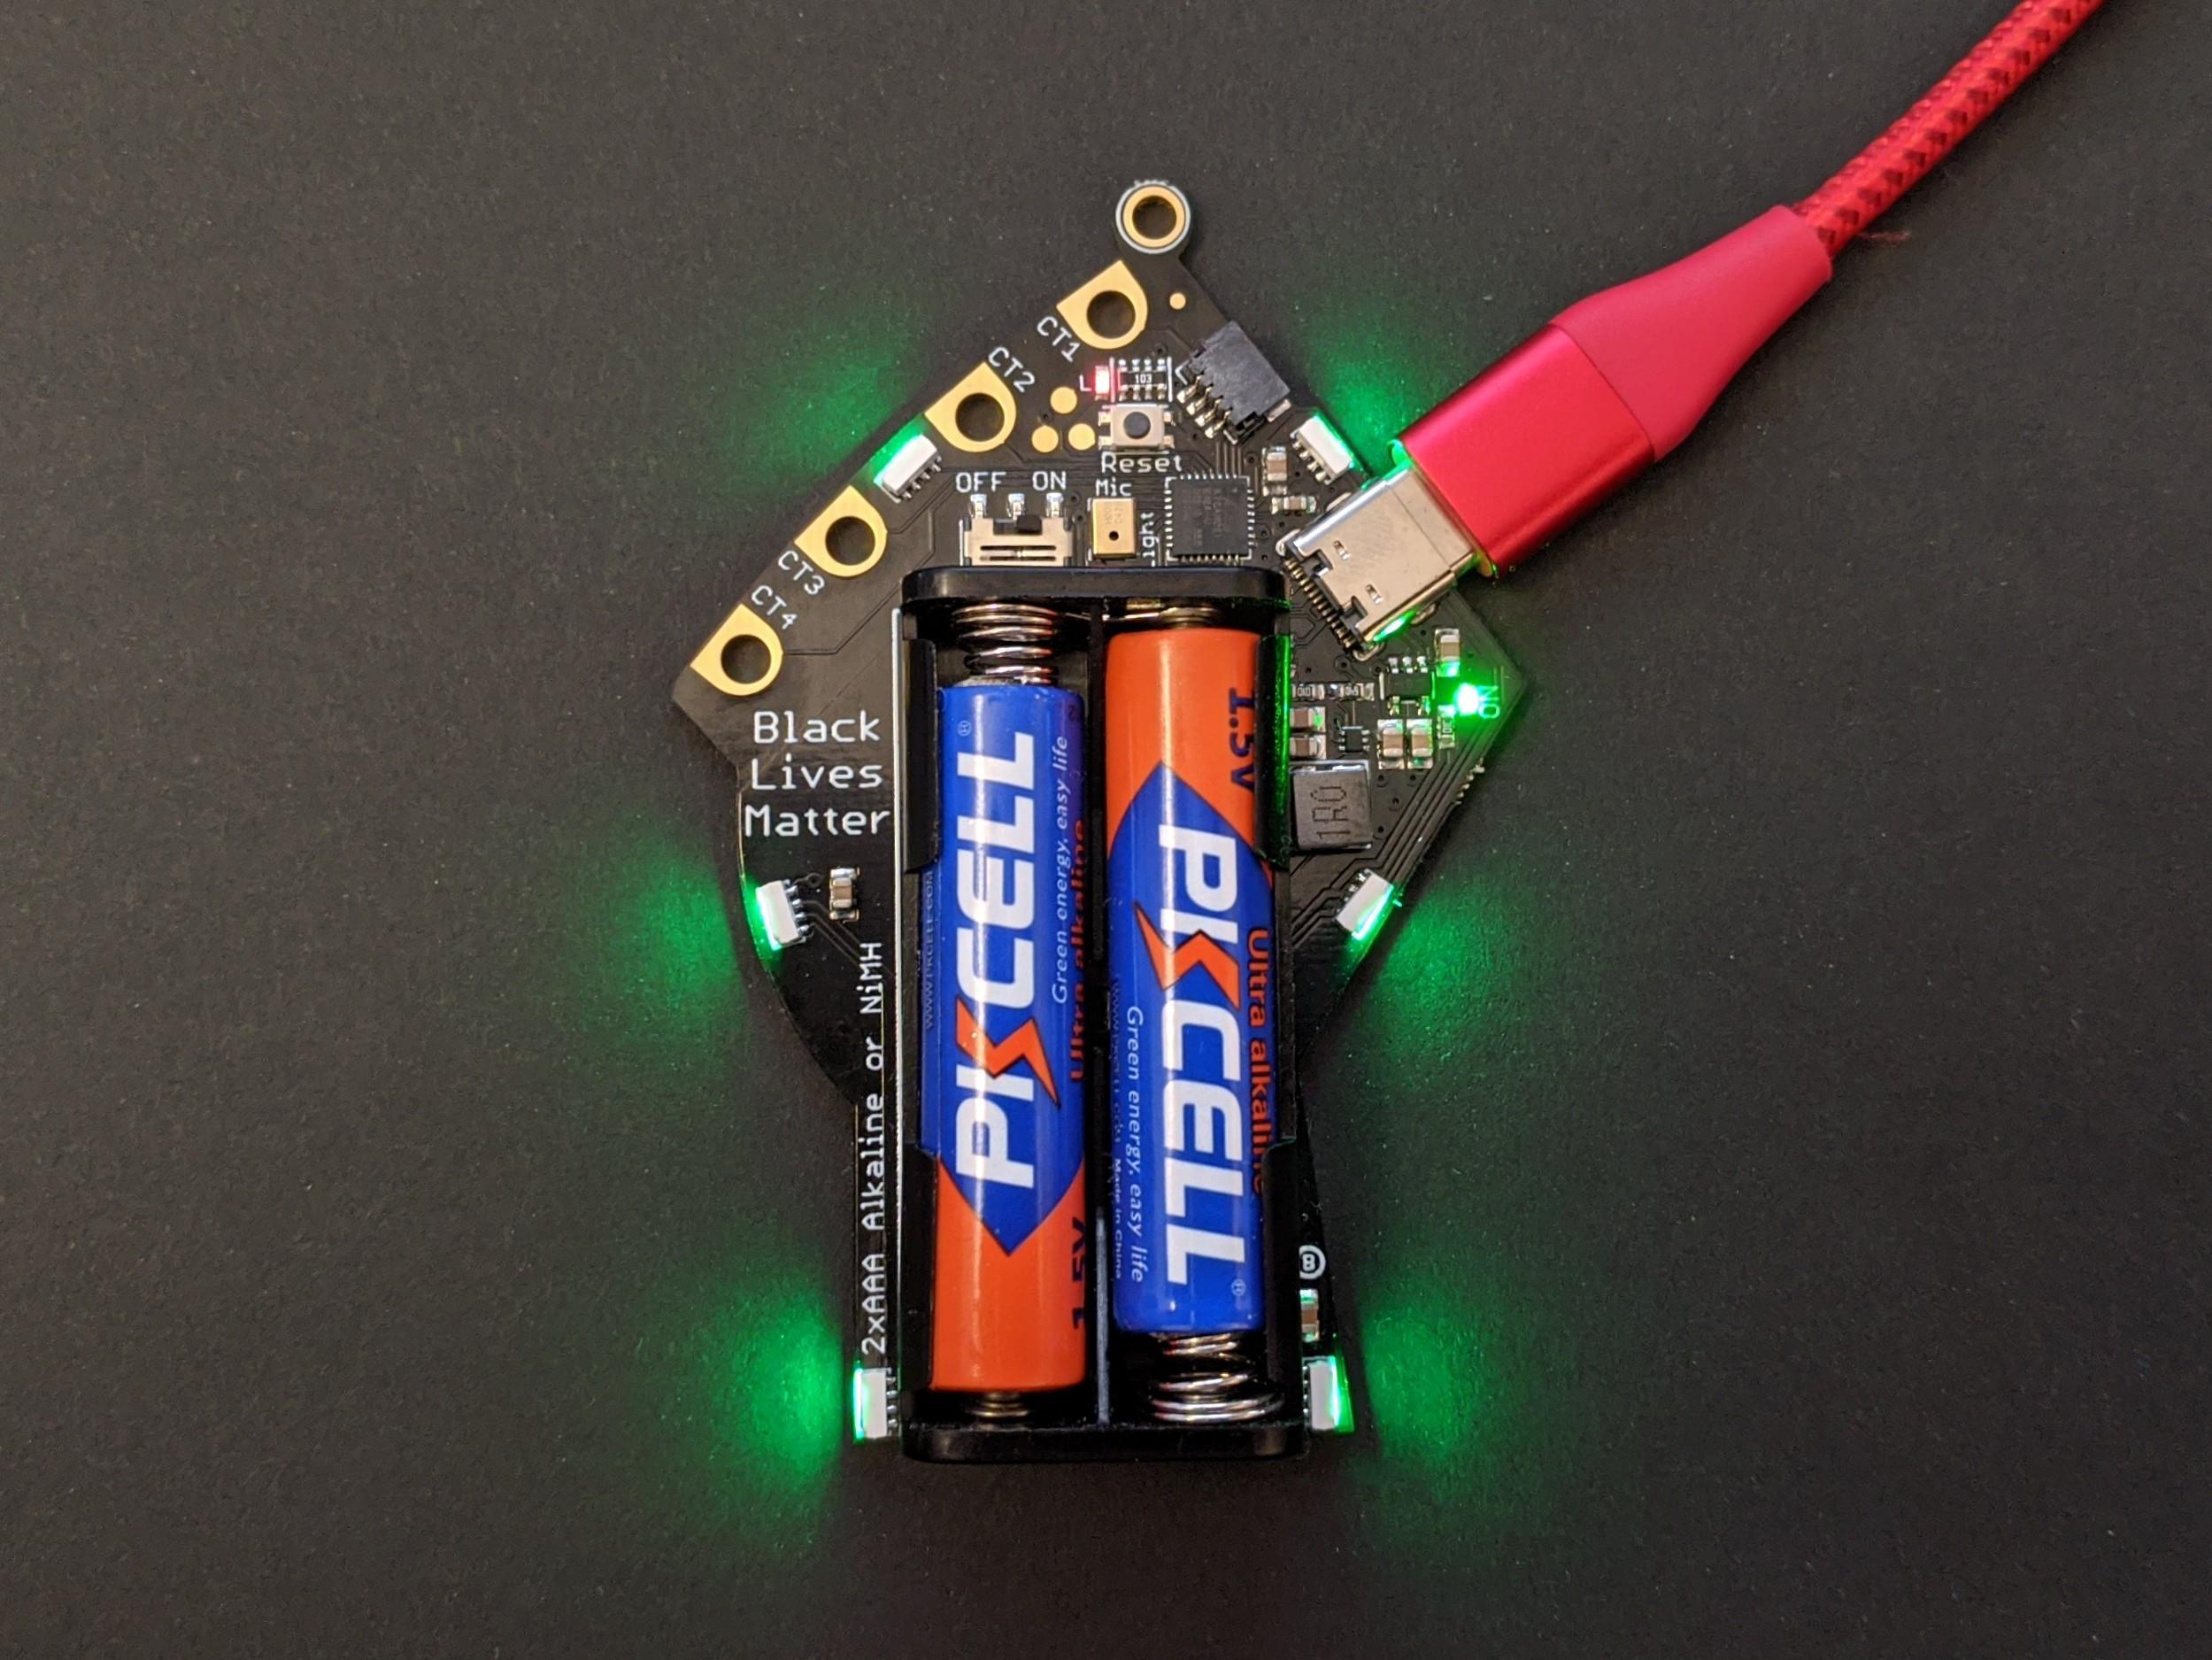 adafruit_products_BLM_bootloader_LEDs.jpg